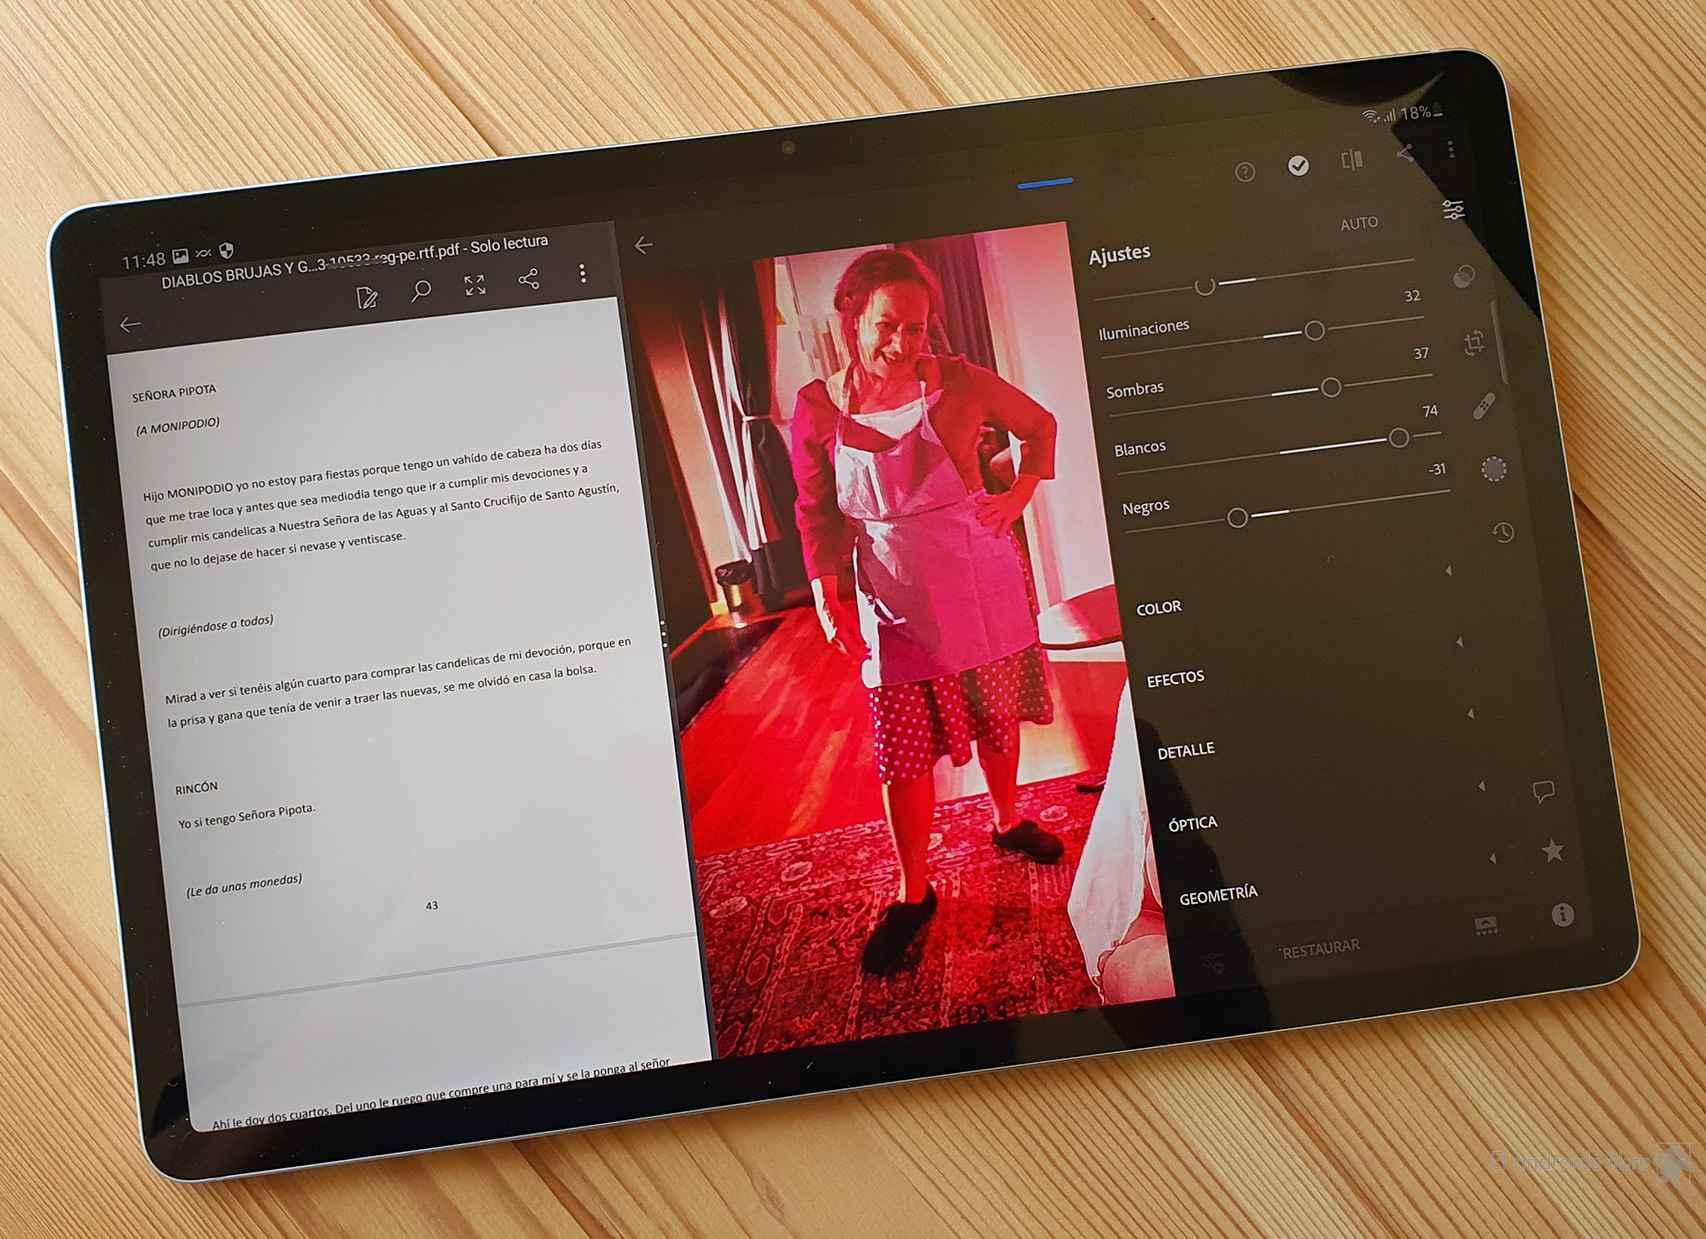 Dos apps abiertas en multitarea en el Samsung Galaxy Tab S7 FE